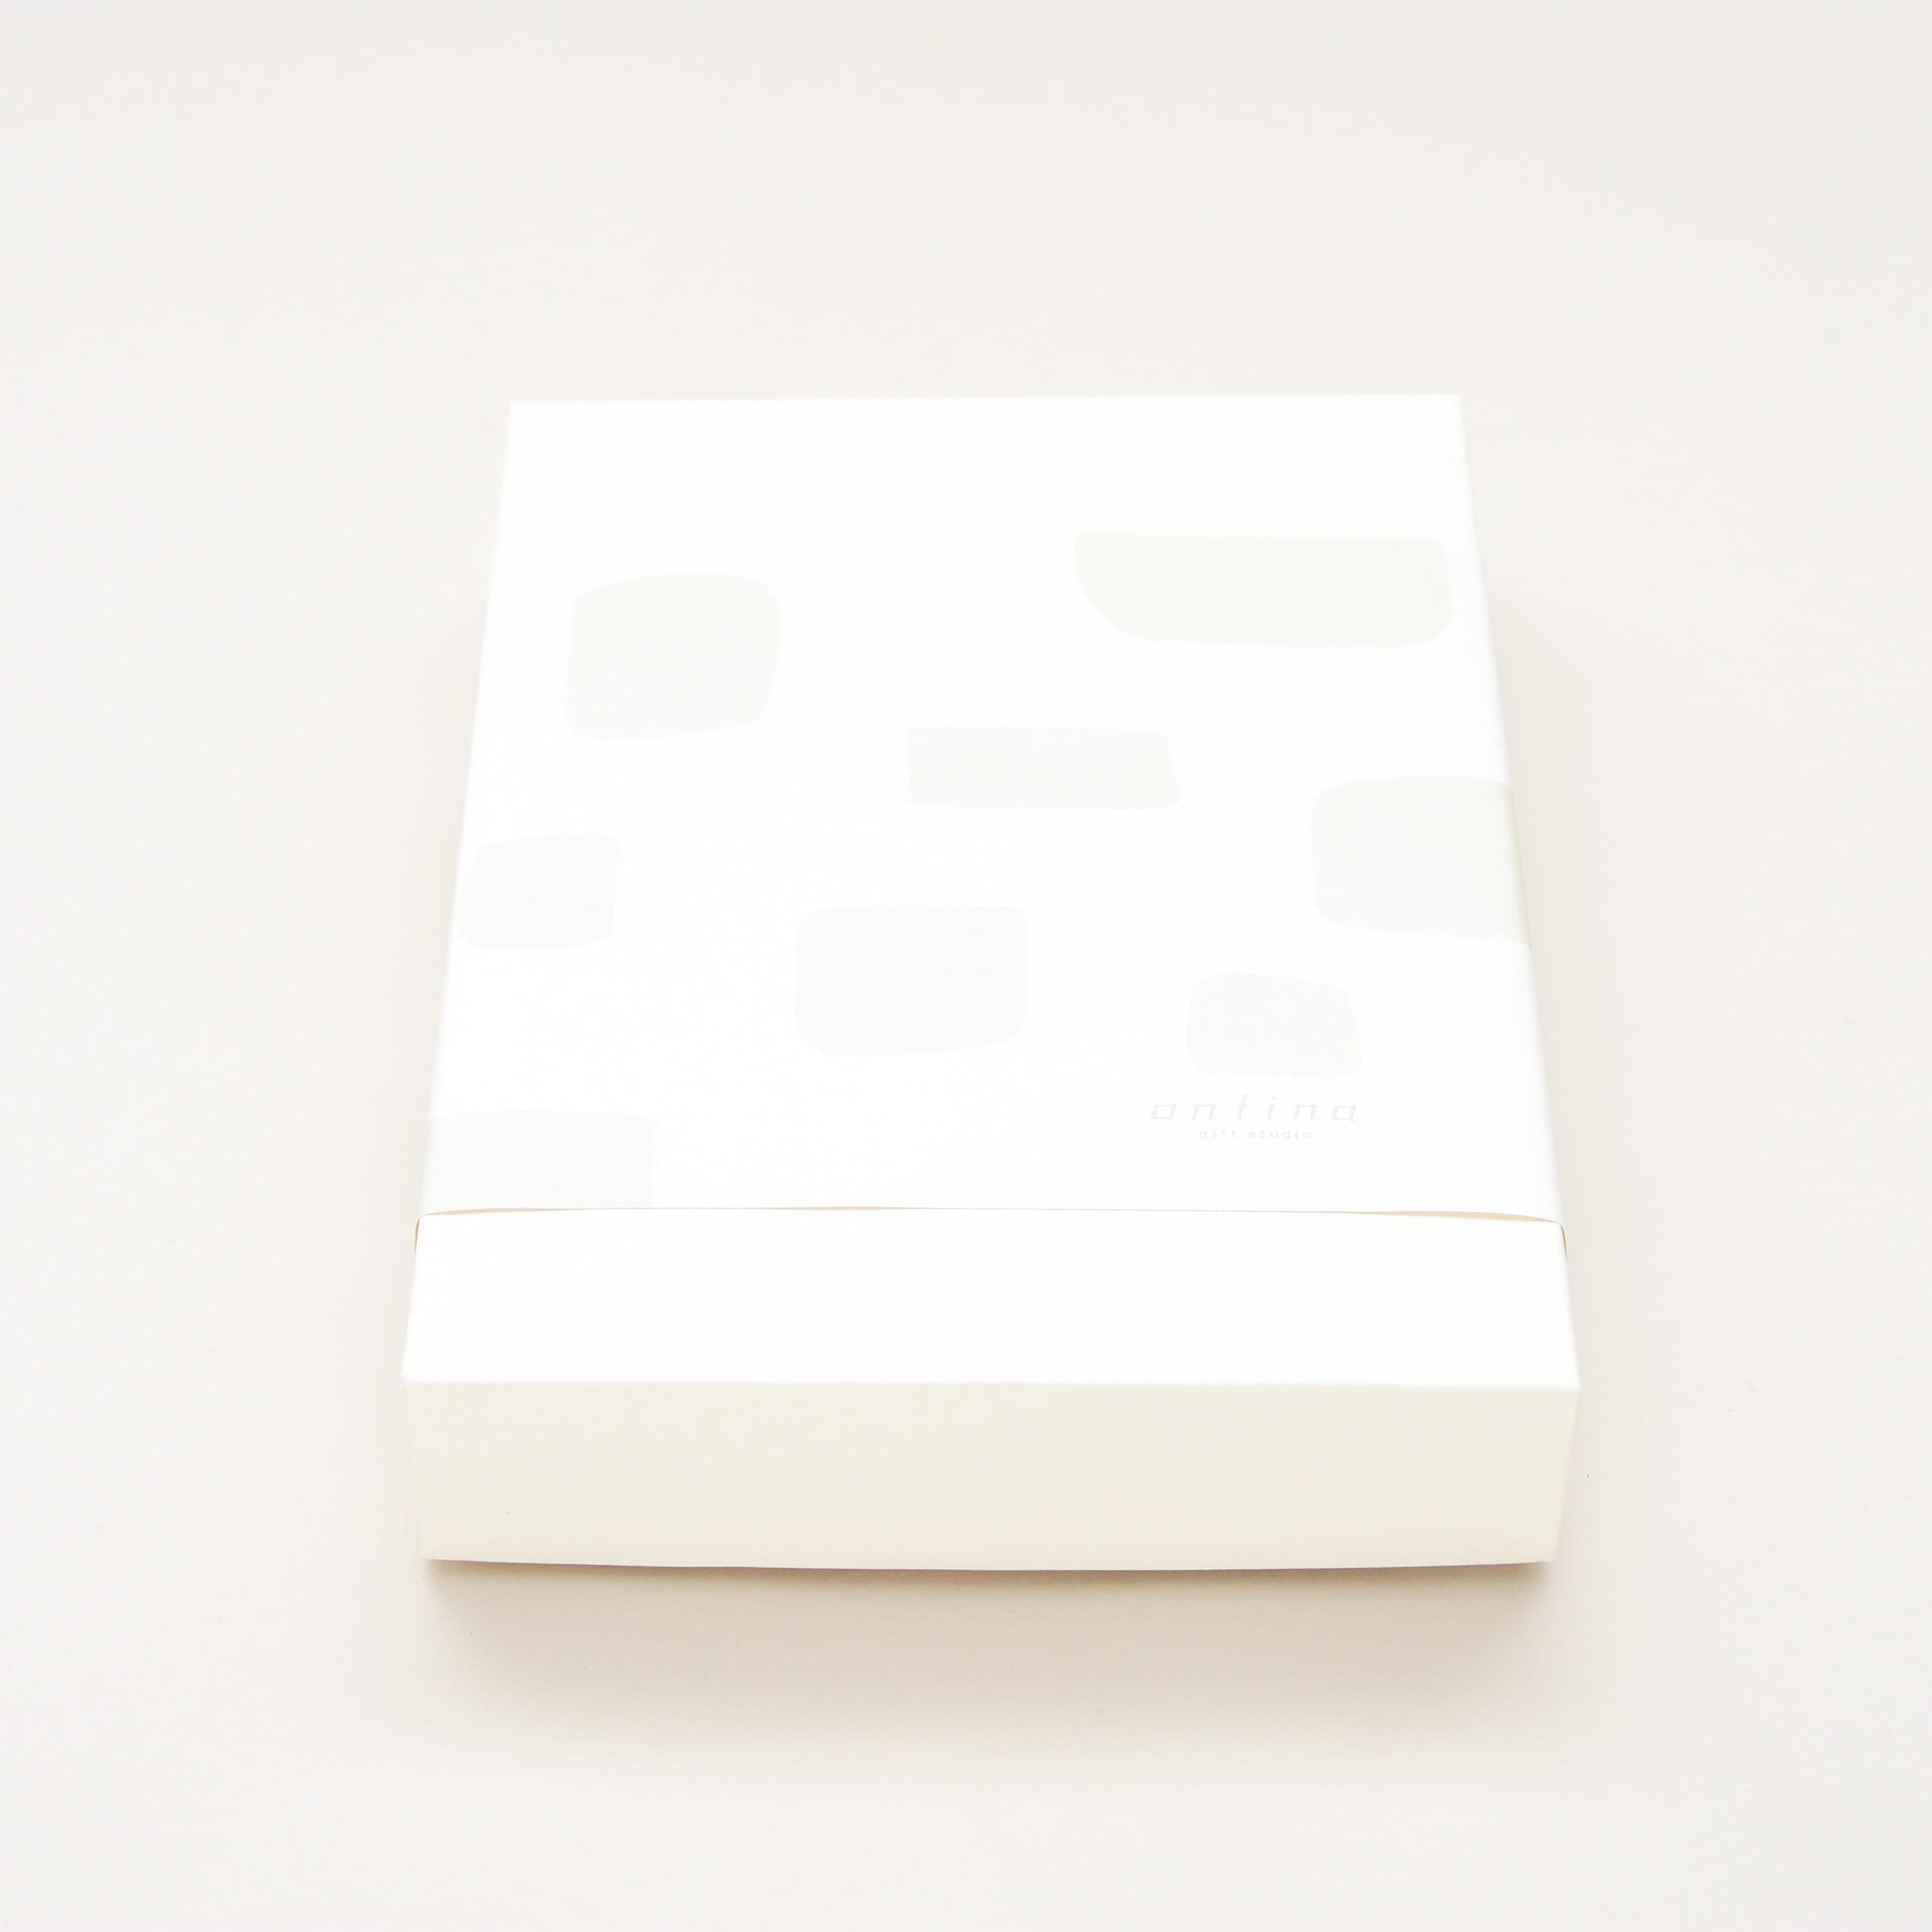 選べるギフト 沙羅(さら) <月見草(つきみそう)>+鞍馬庵 / 京 干菓華子